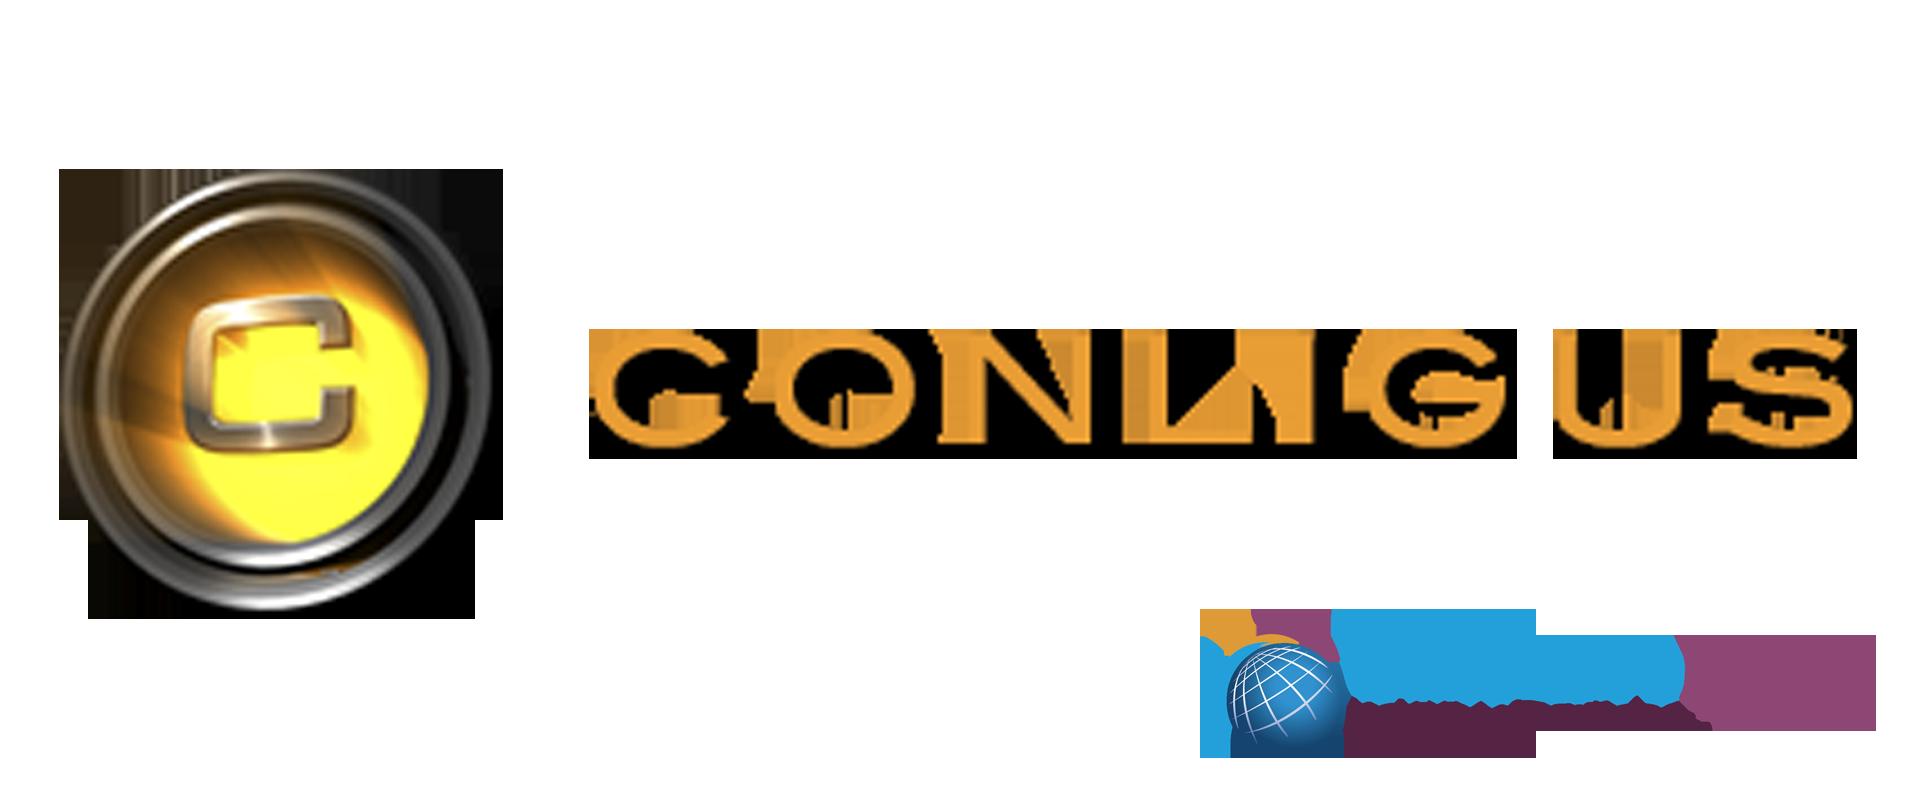 Logotipo Conligus